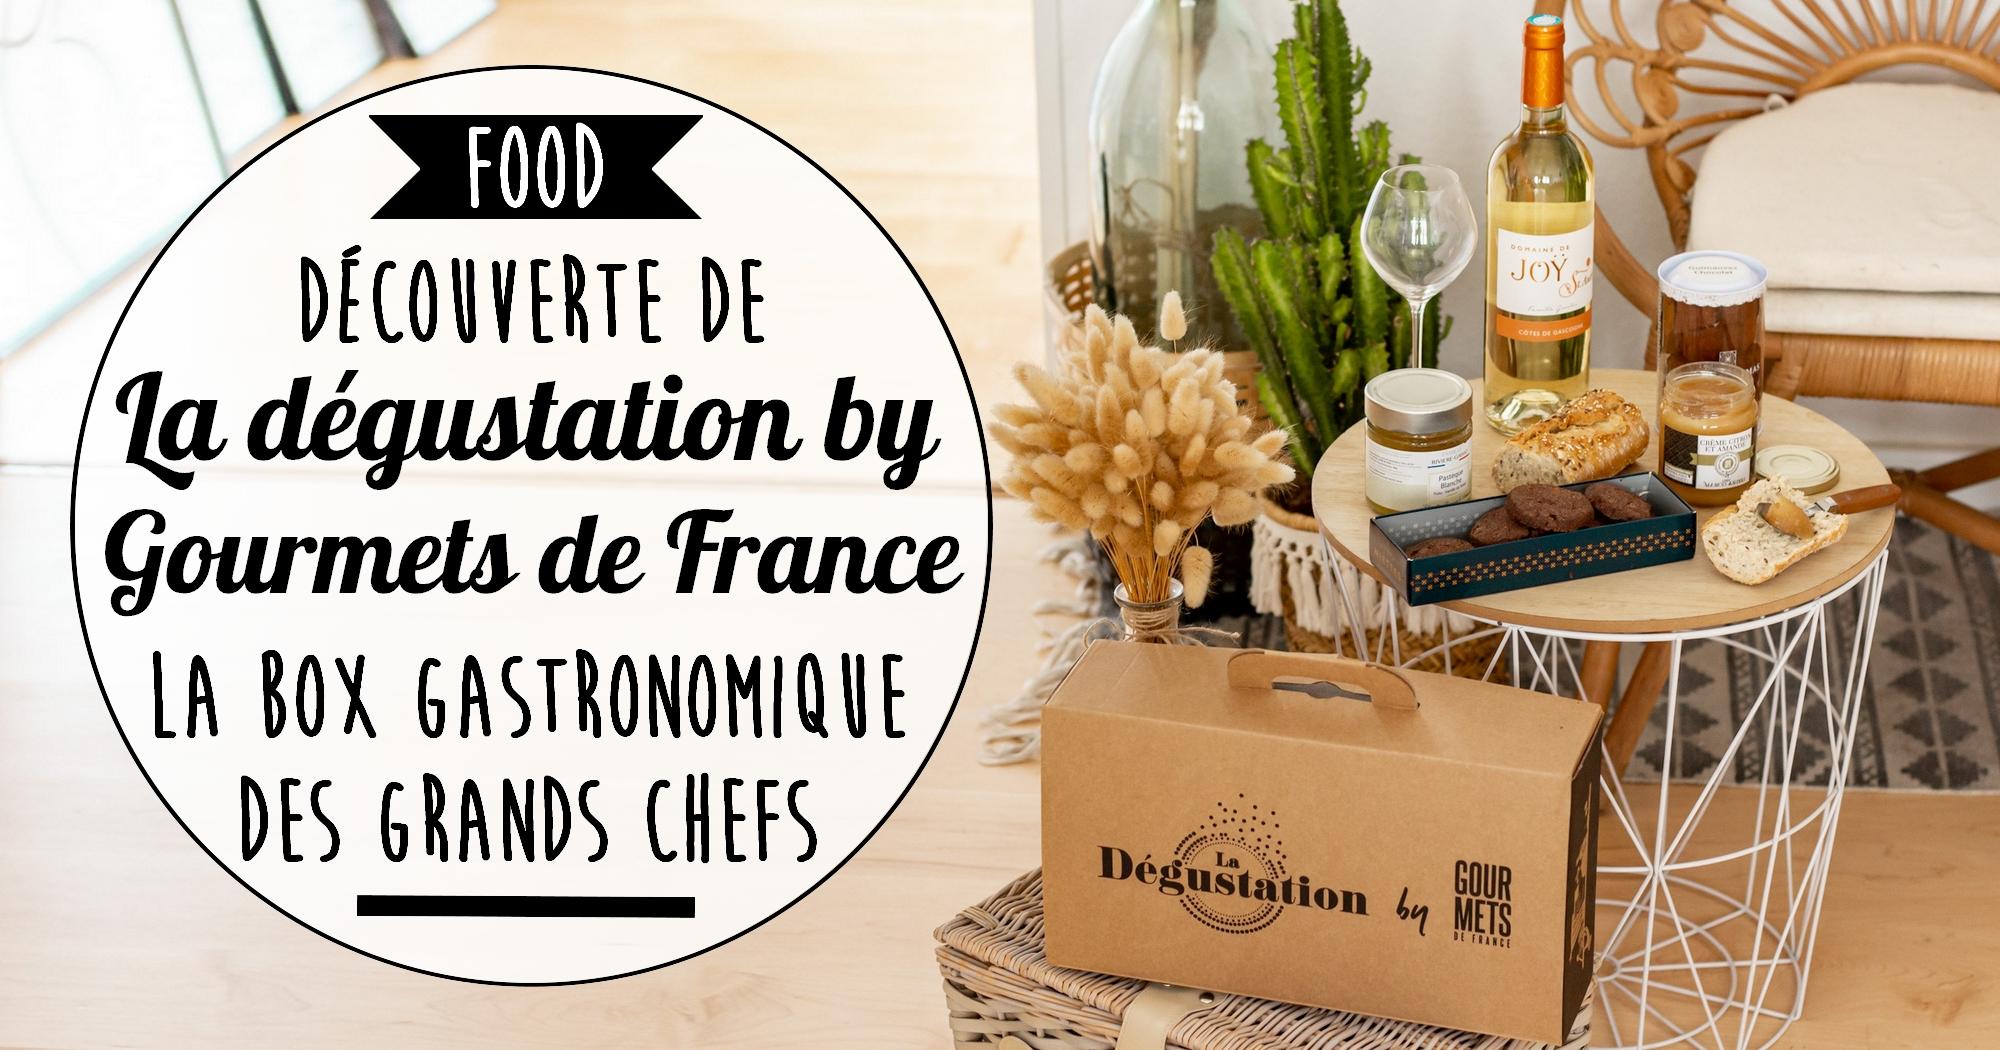 Découverte de La dégustation by Gourmets de France, la box gastronomique des grands Chefs